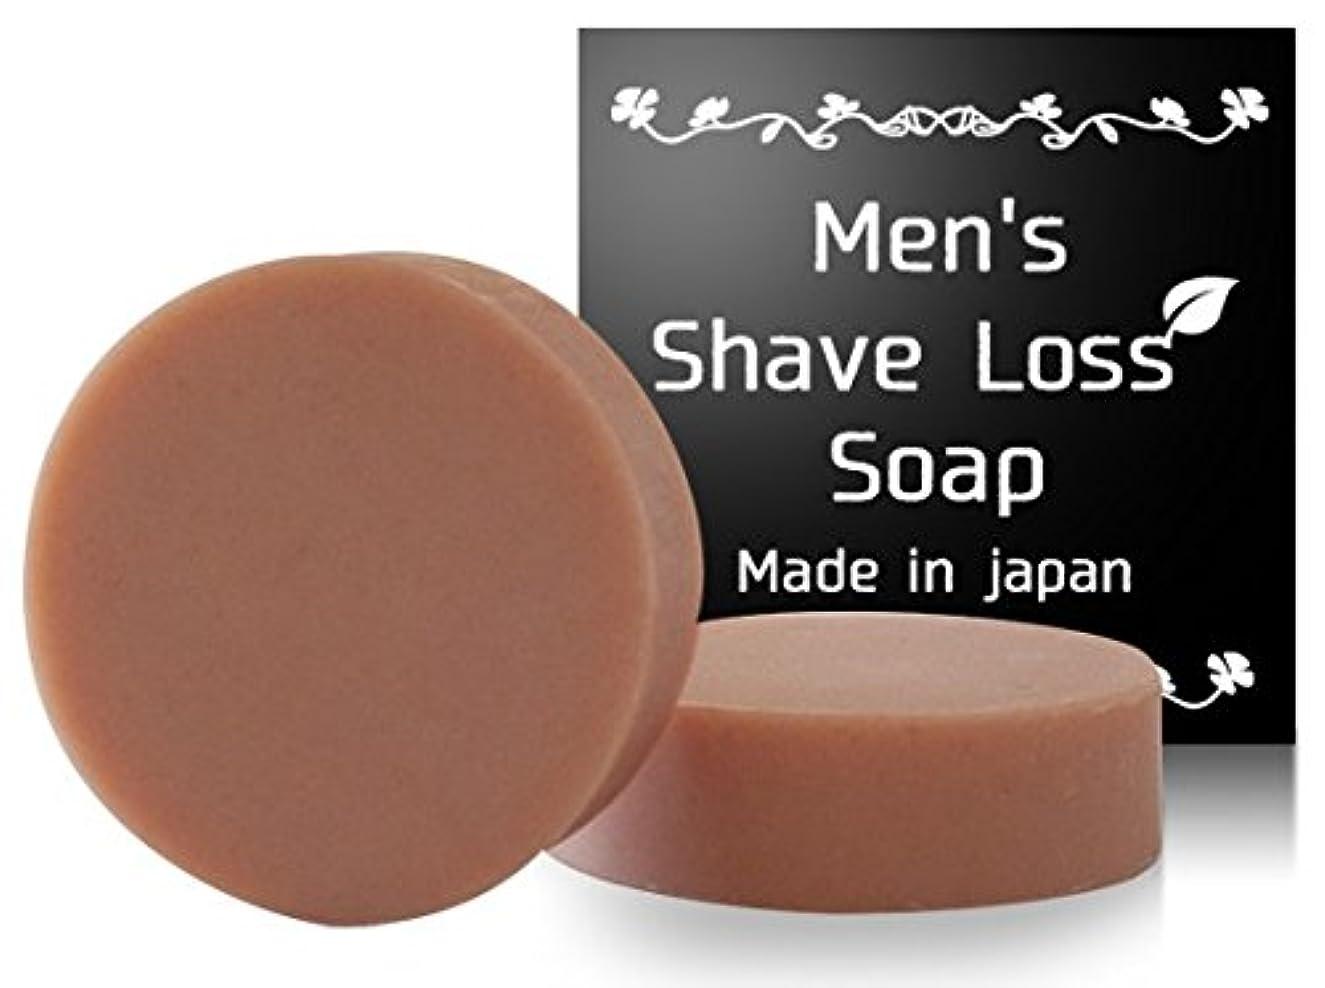 送金同意するエスニックMens Shave Loss Soap シェーブロス 剛毛は嫌!ツルツル過ぎも嫌! そんな夢を叶えた奇跡の石鹸! 【男性専用】(1個)